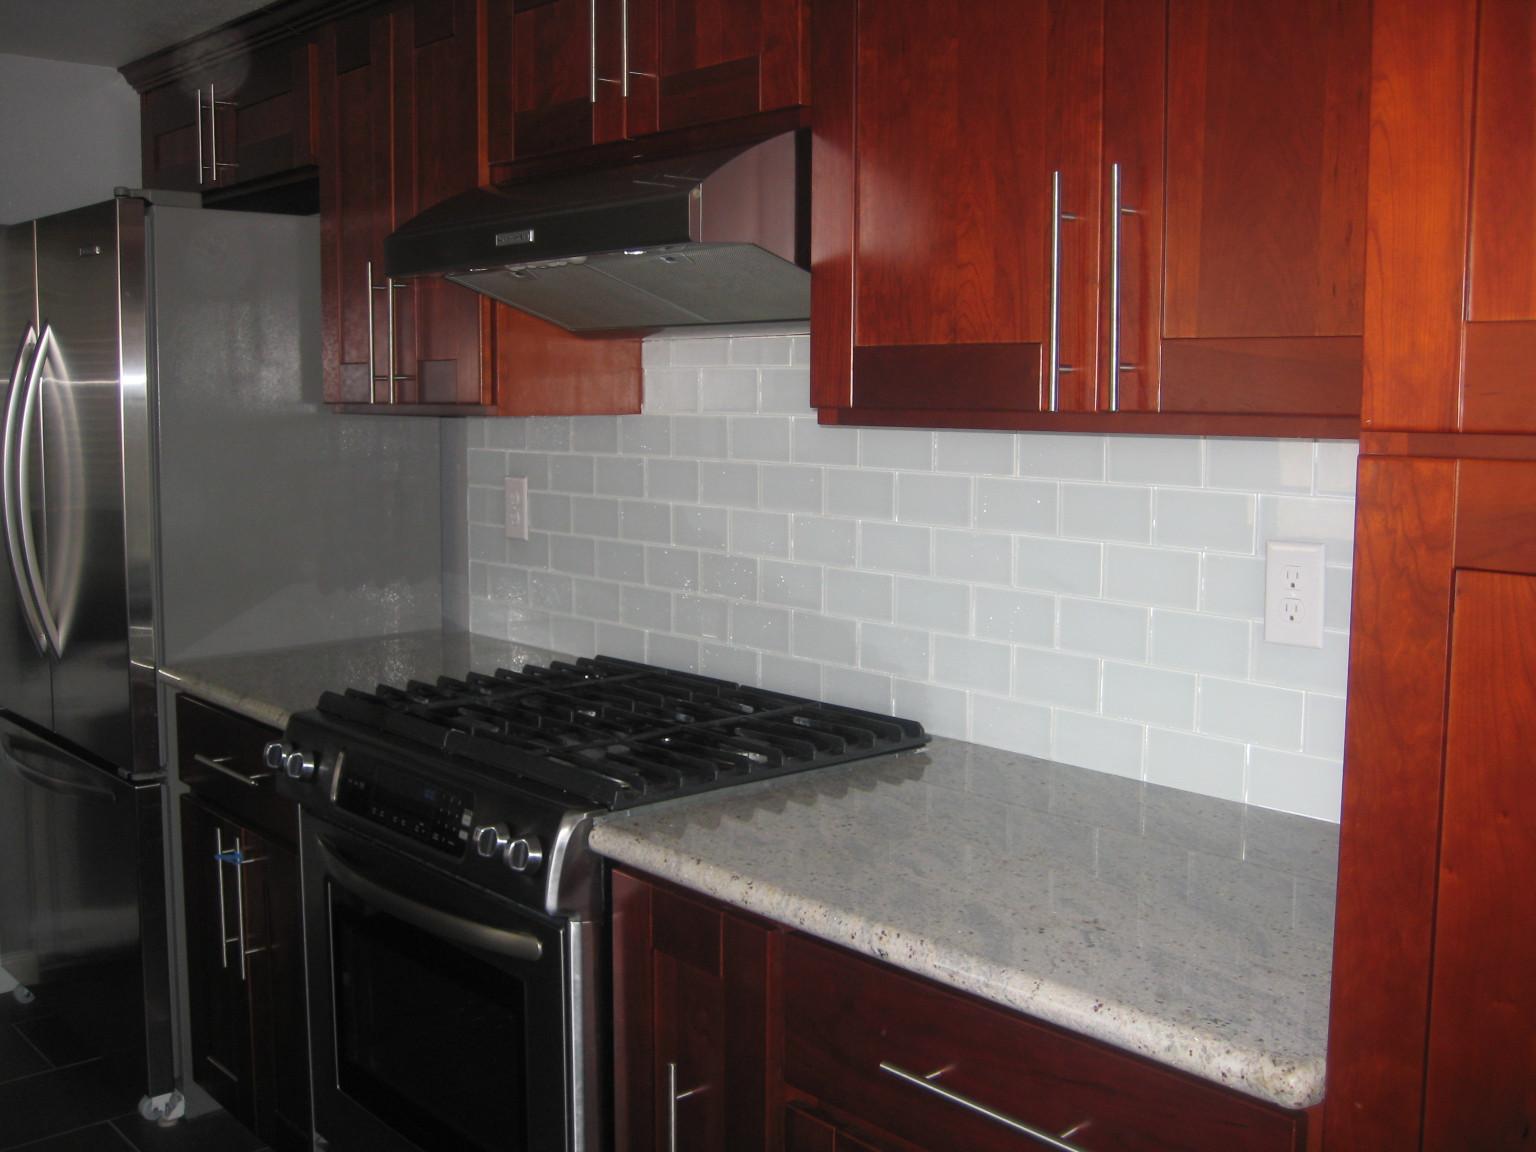 Kitchen Backsplashes Subway Tile  White Glass Subway Tile Subway Tile Outlet